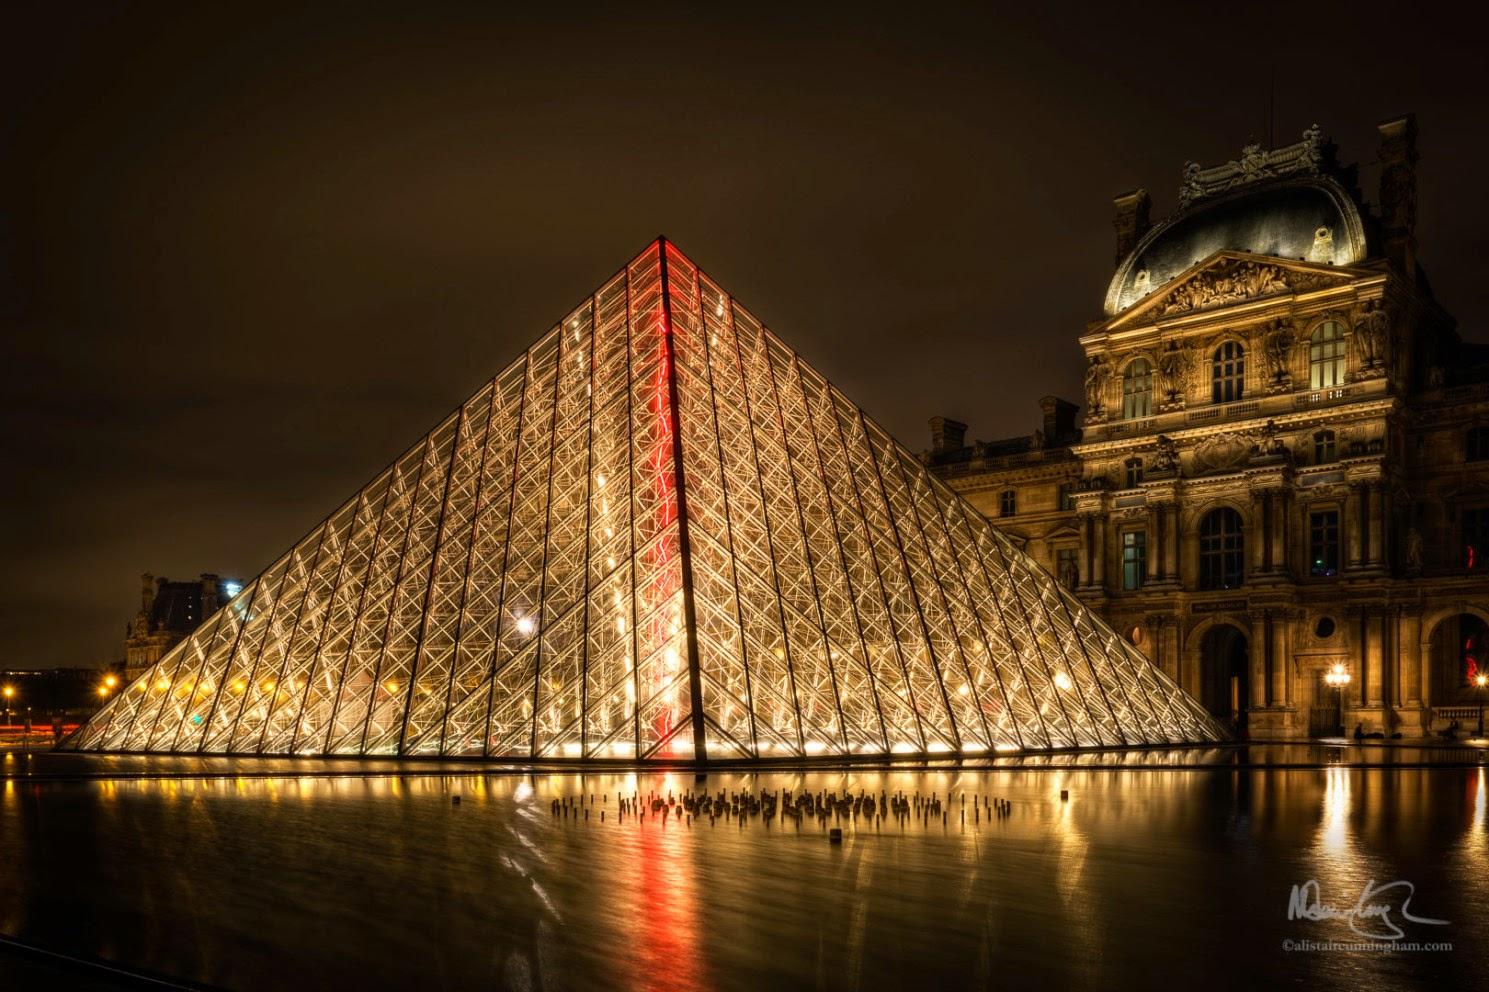 Alistair Cunningham, fotografía HDR, Pirámide del Louvre, París